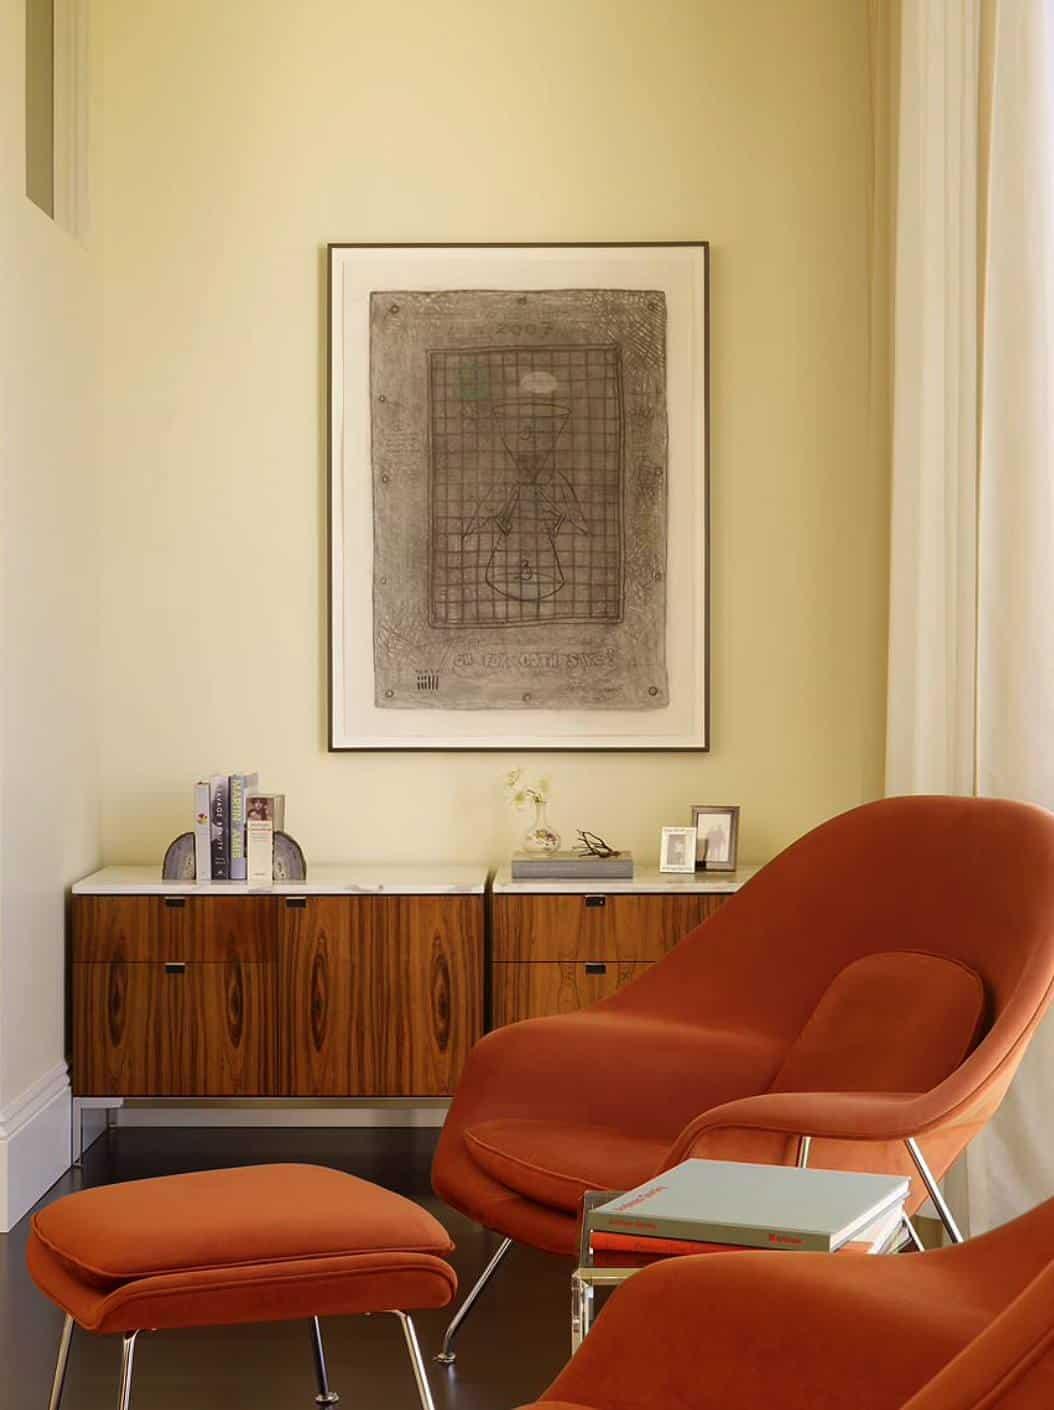 Maison moderne-Redmond Aldrich Design-11-1 Kindesign